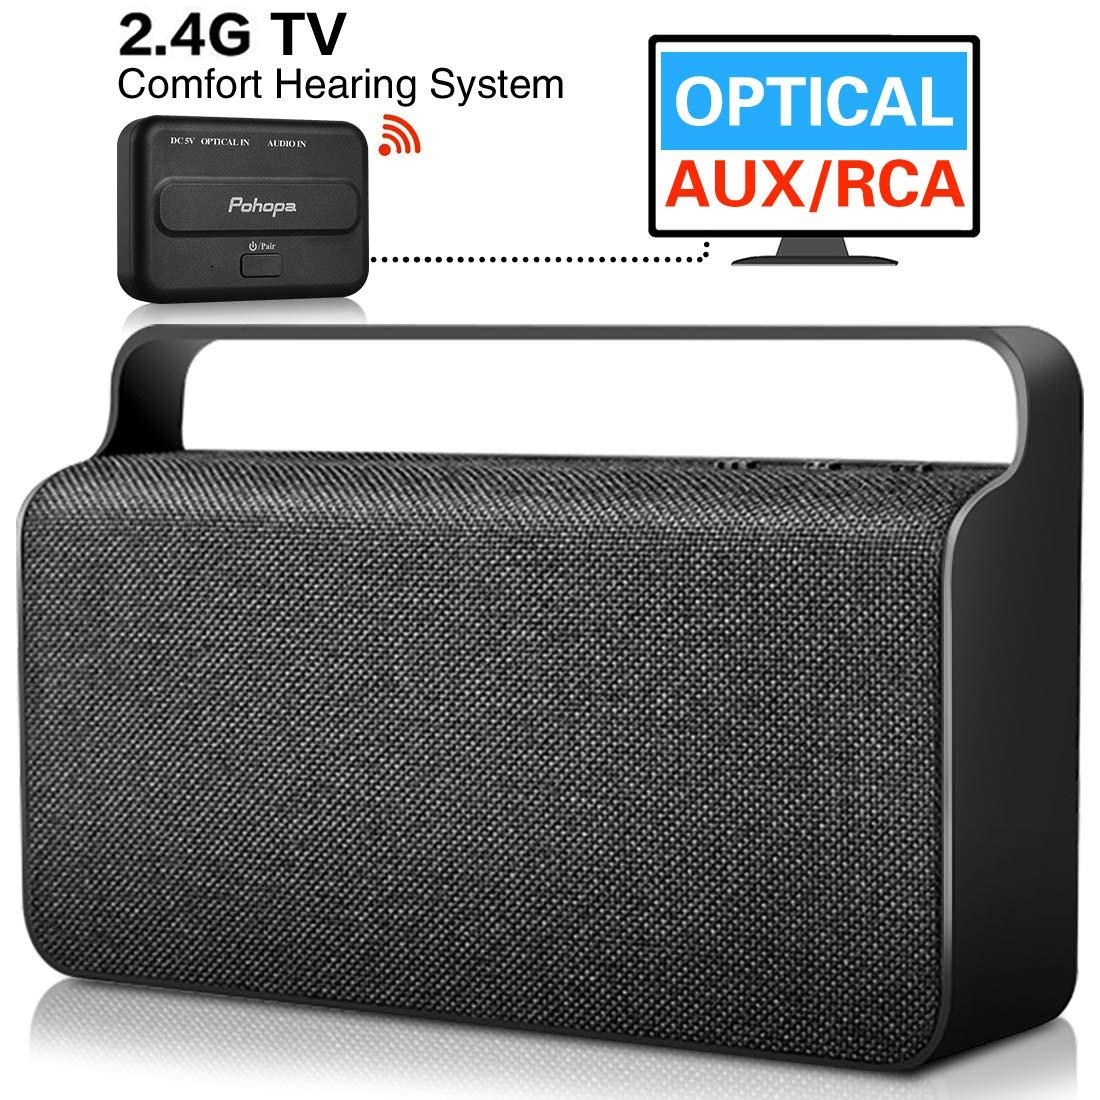 Pohopa - Altavoz inalámbrico para TV, portátil, con transmisor (óptico, AUX de 3,5 mm, RCA, 10 W), Color Negro: Amazon.es: Electrónica